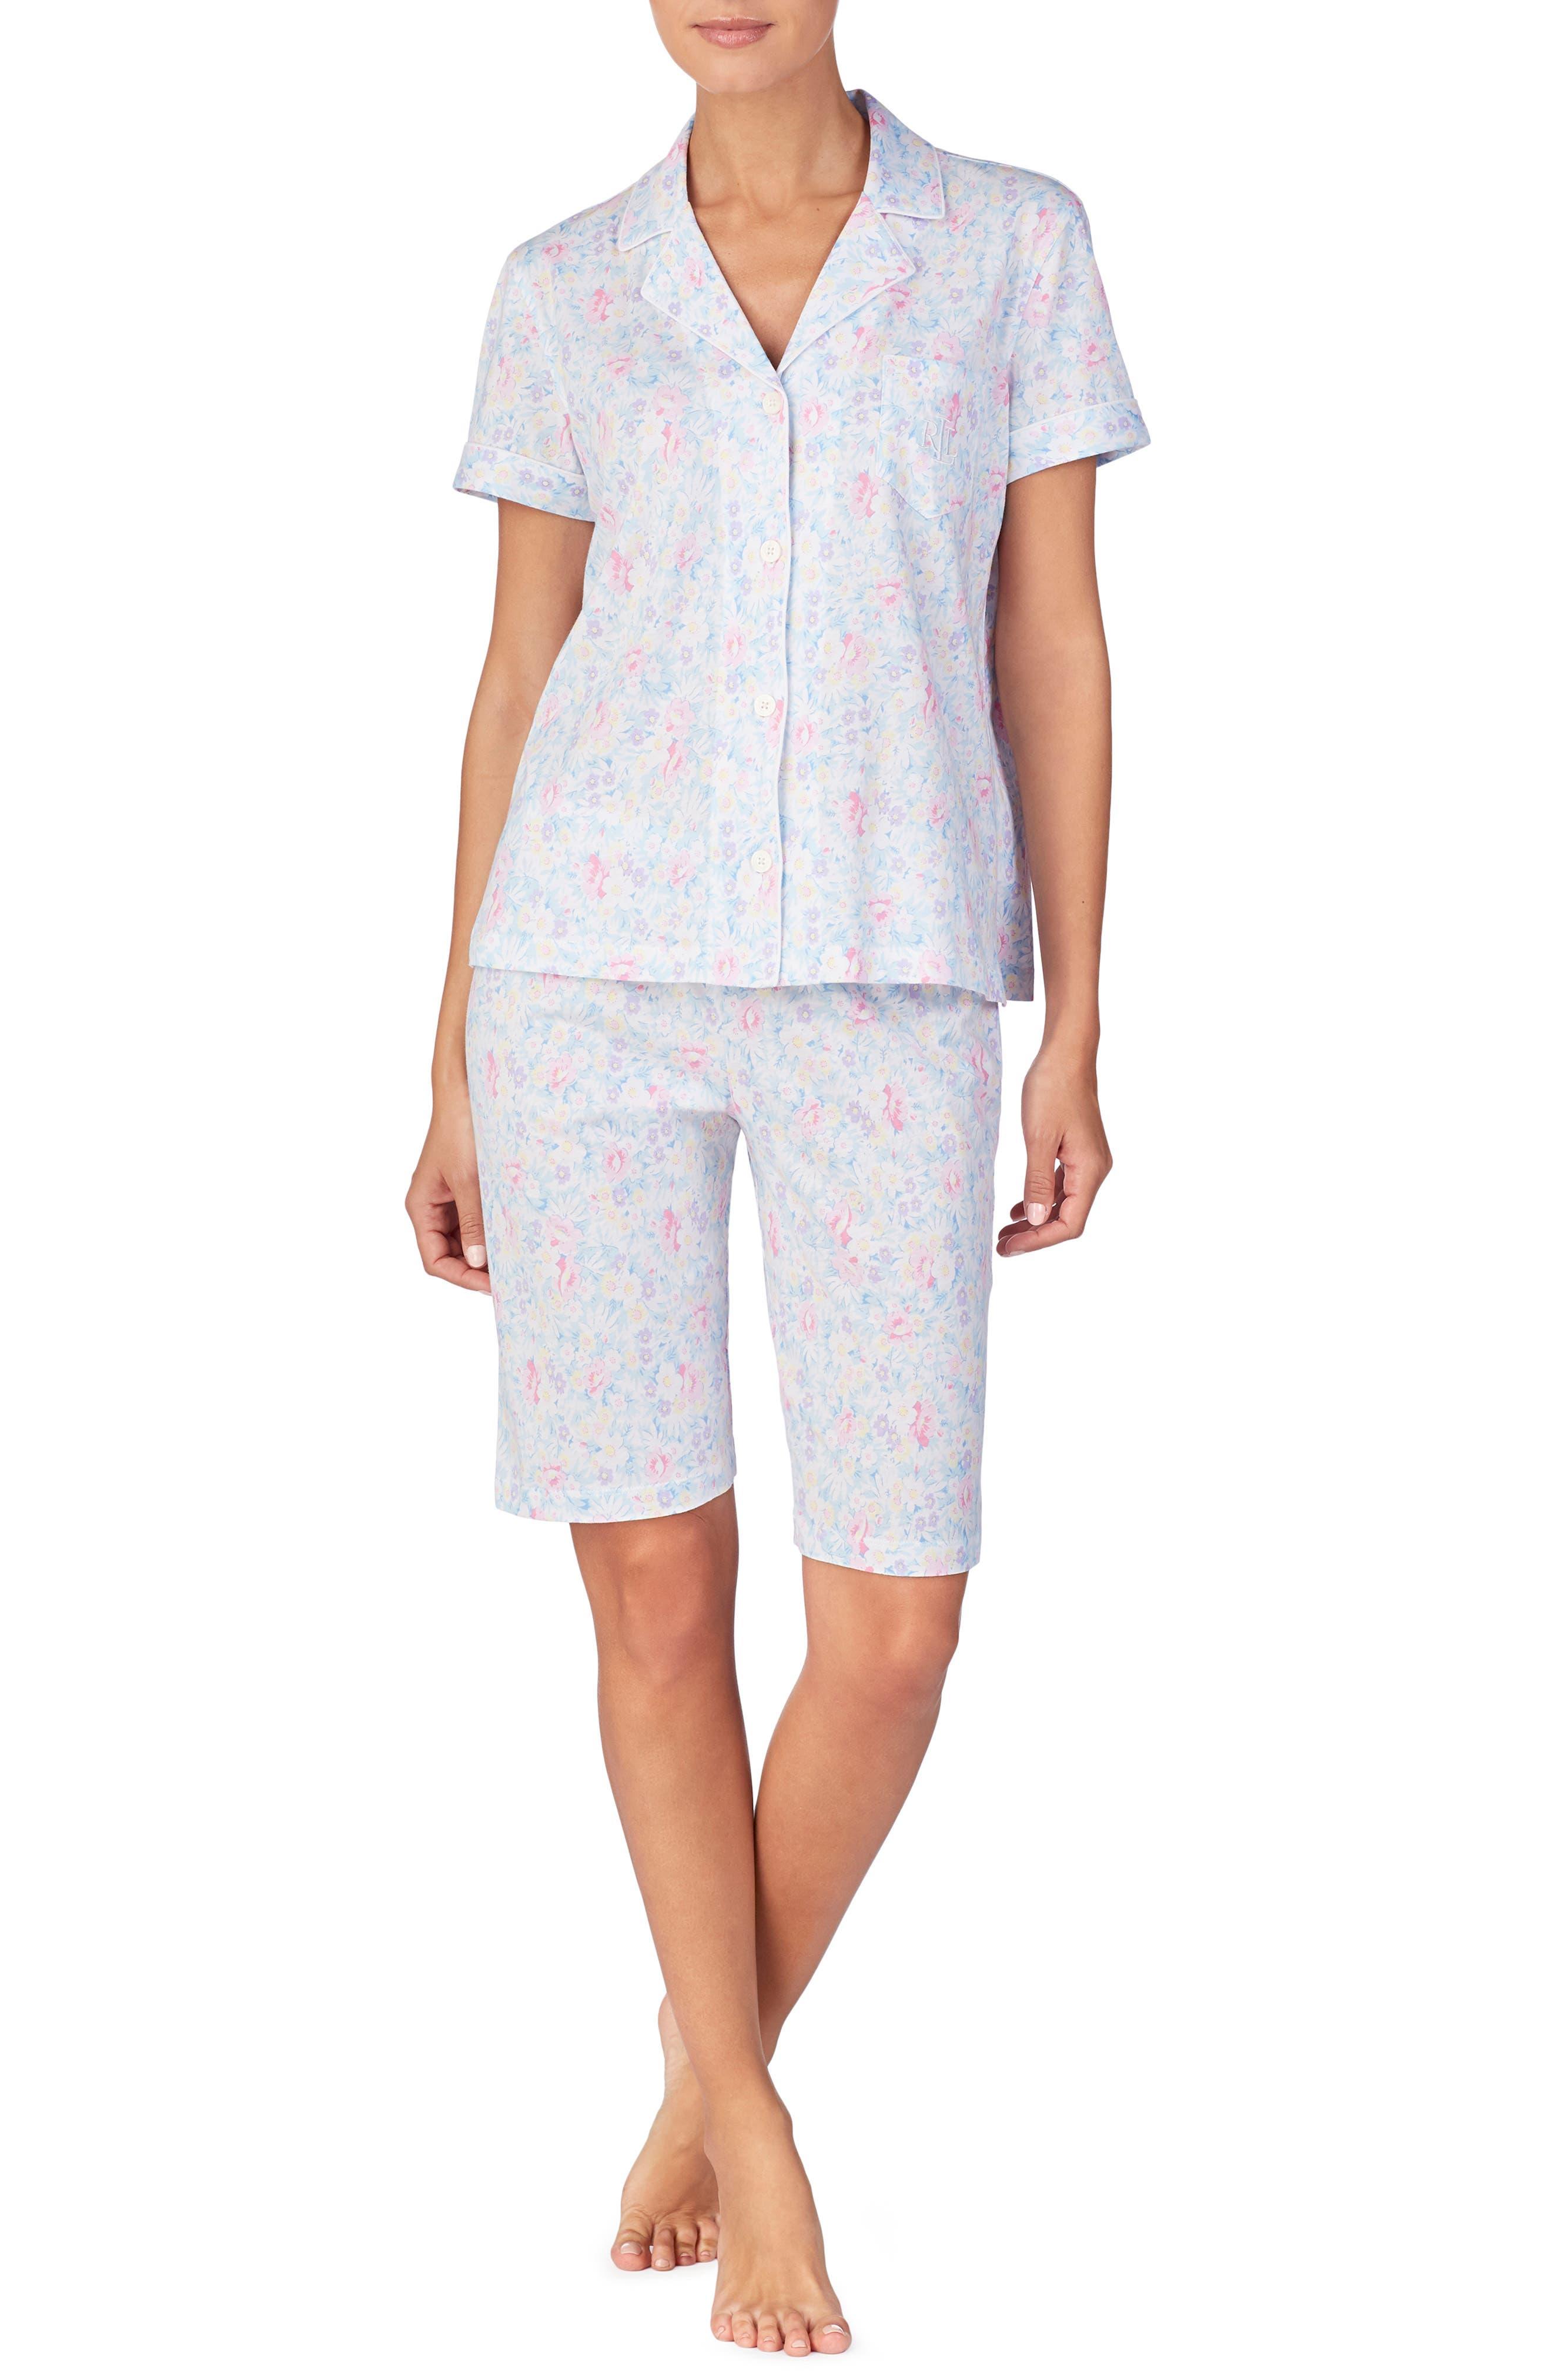 LAUREN RALPH LAUREN Bermuda Shorts Pajamas, Main, color, PINK FLORAL